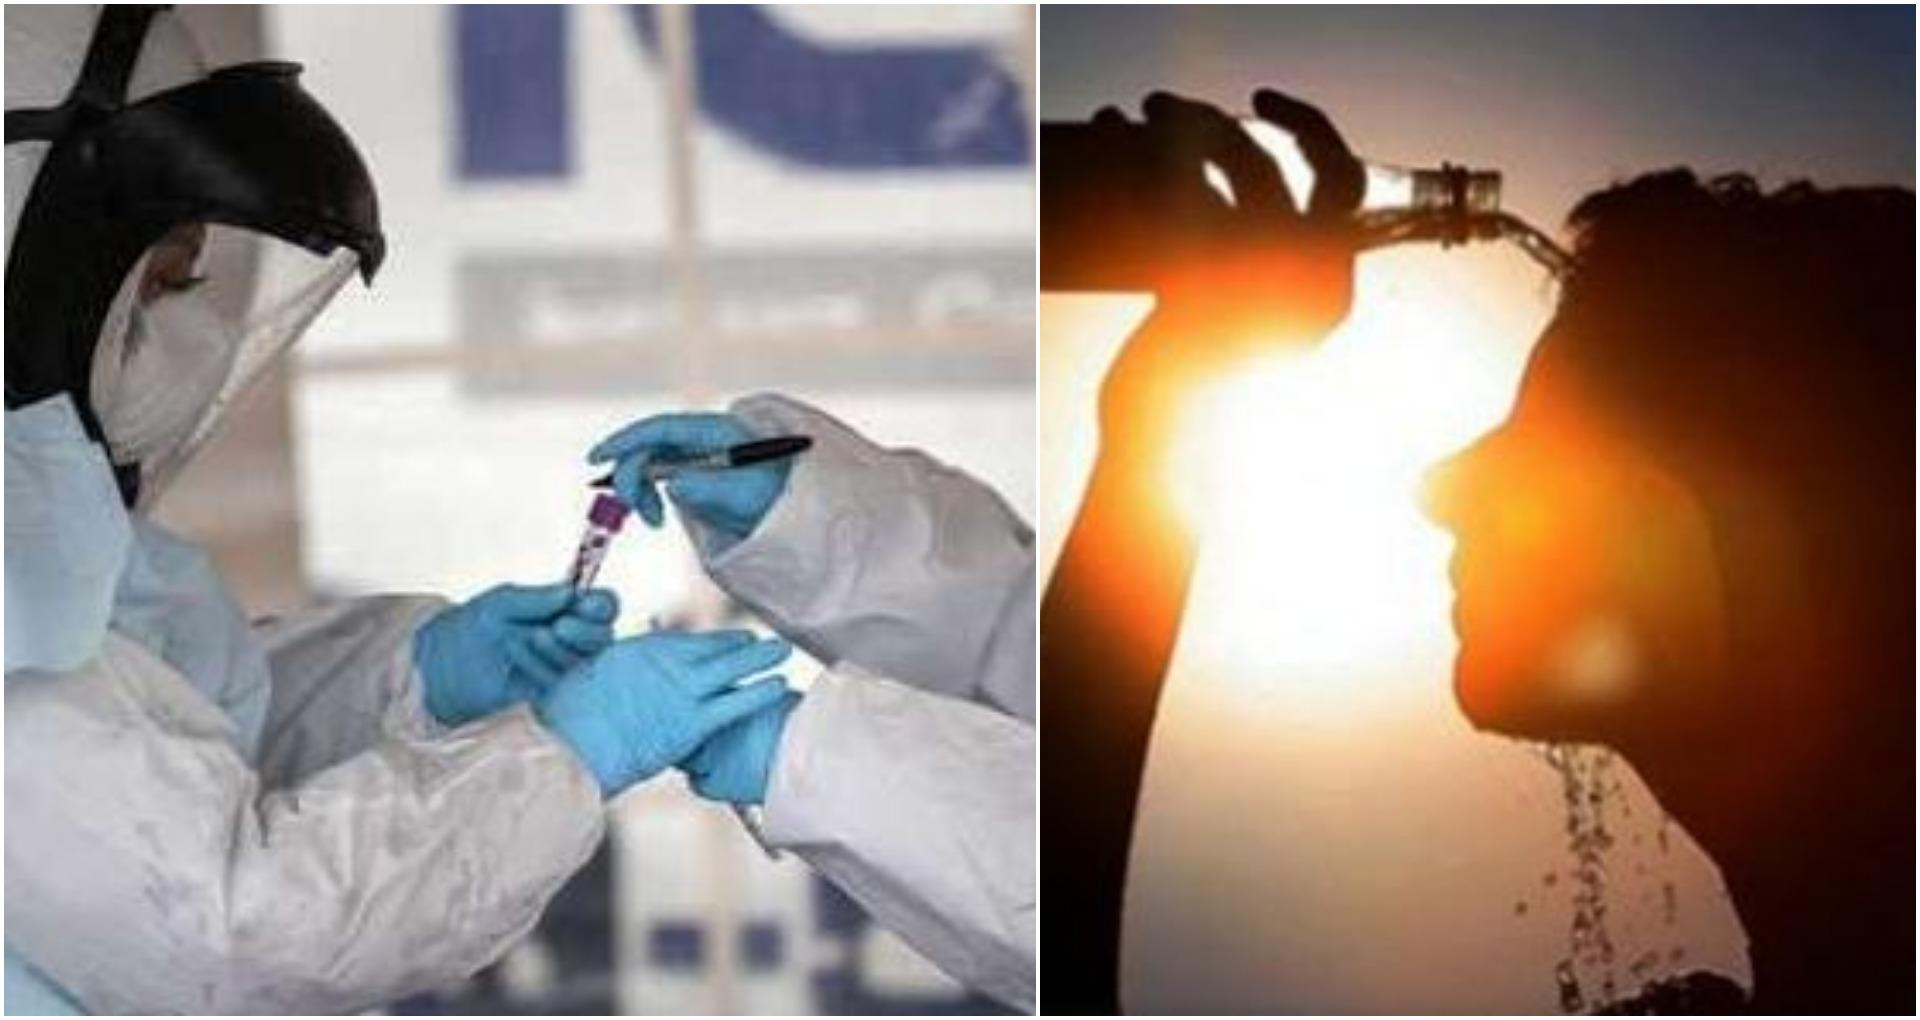 Coronavirus: तेज गर्मी कोरोना वायरस को कर सकती है धीमा, अब इस उम्मीद को भी लगा जोर का झटका